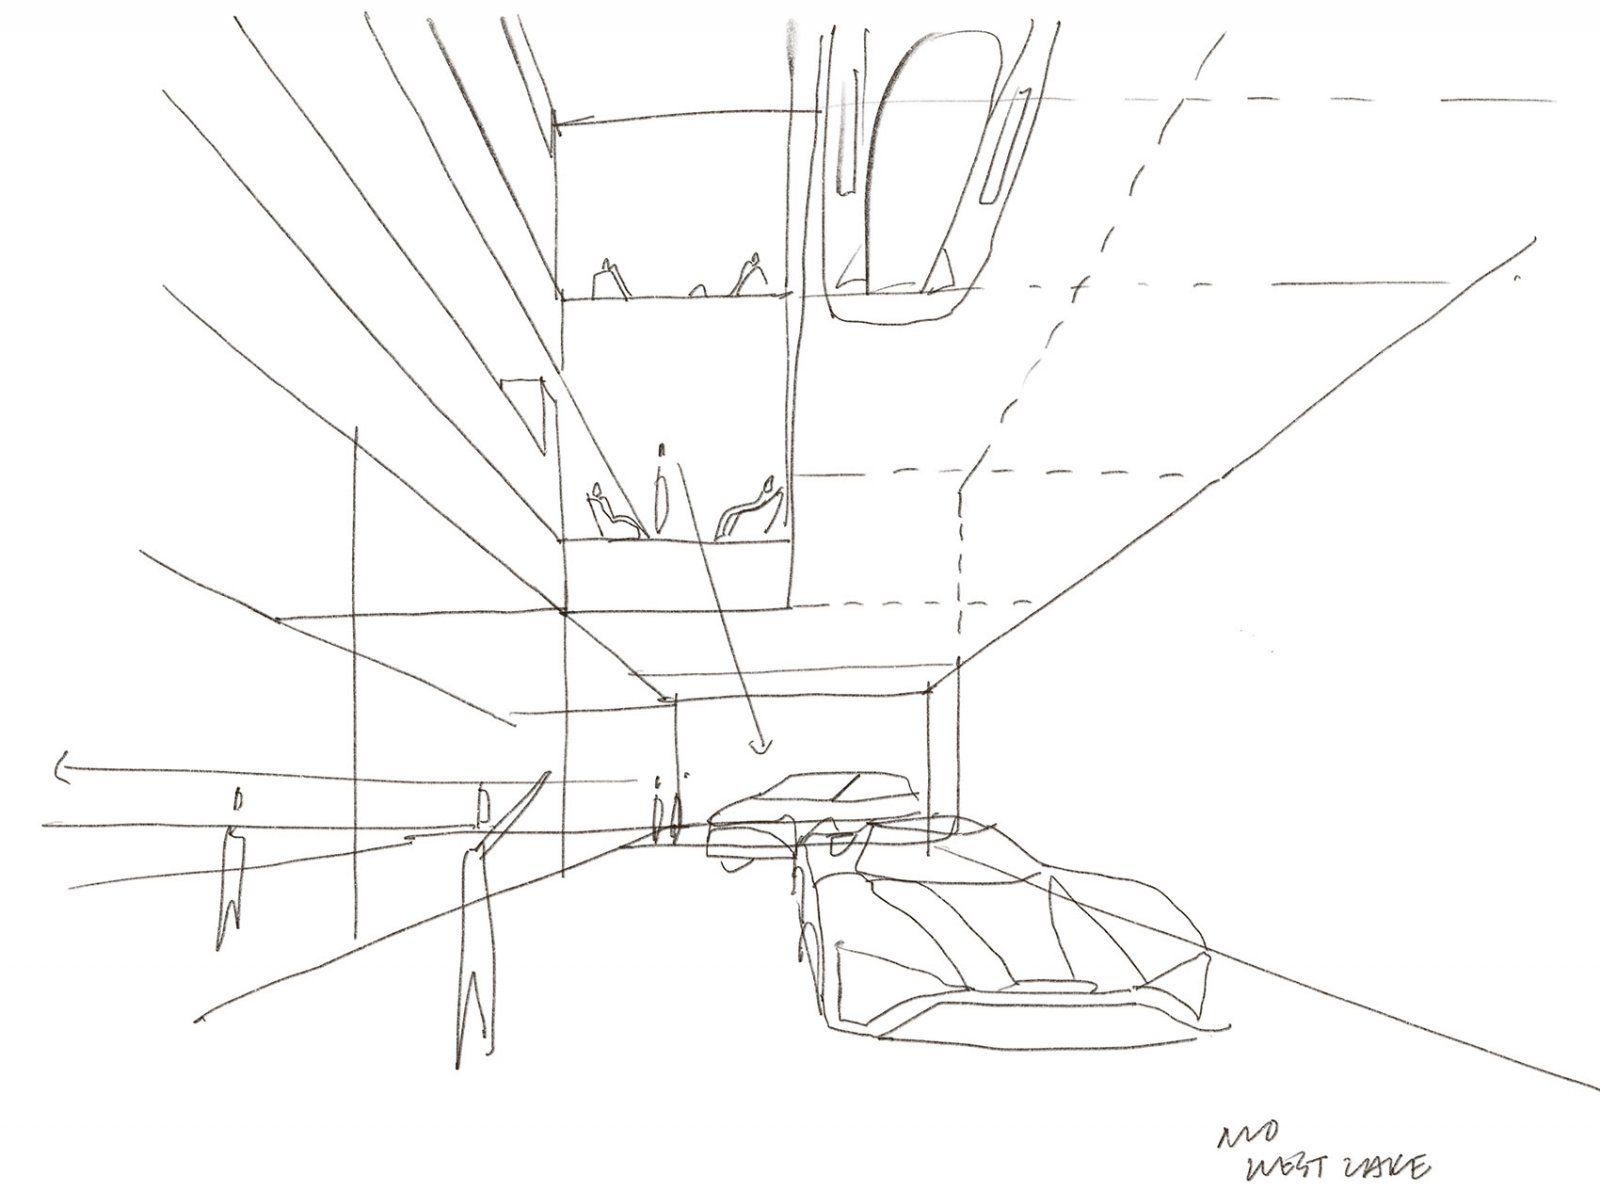 消除人与车的边界·杭州NIO蔚来旗舰展厅   SHL建筑事务所